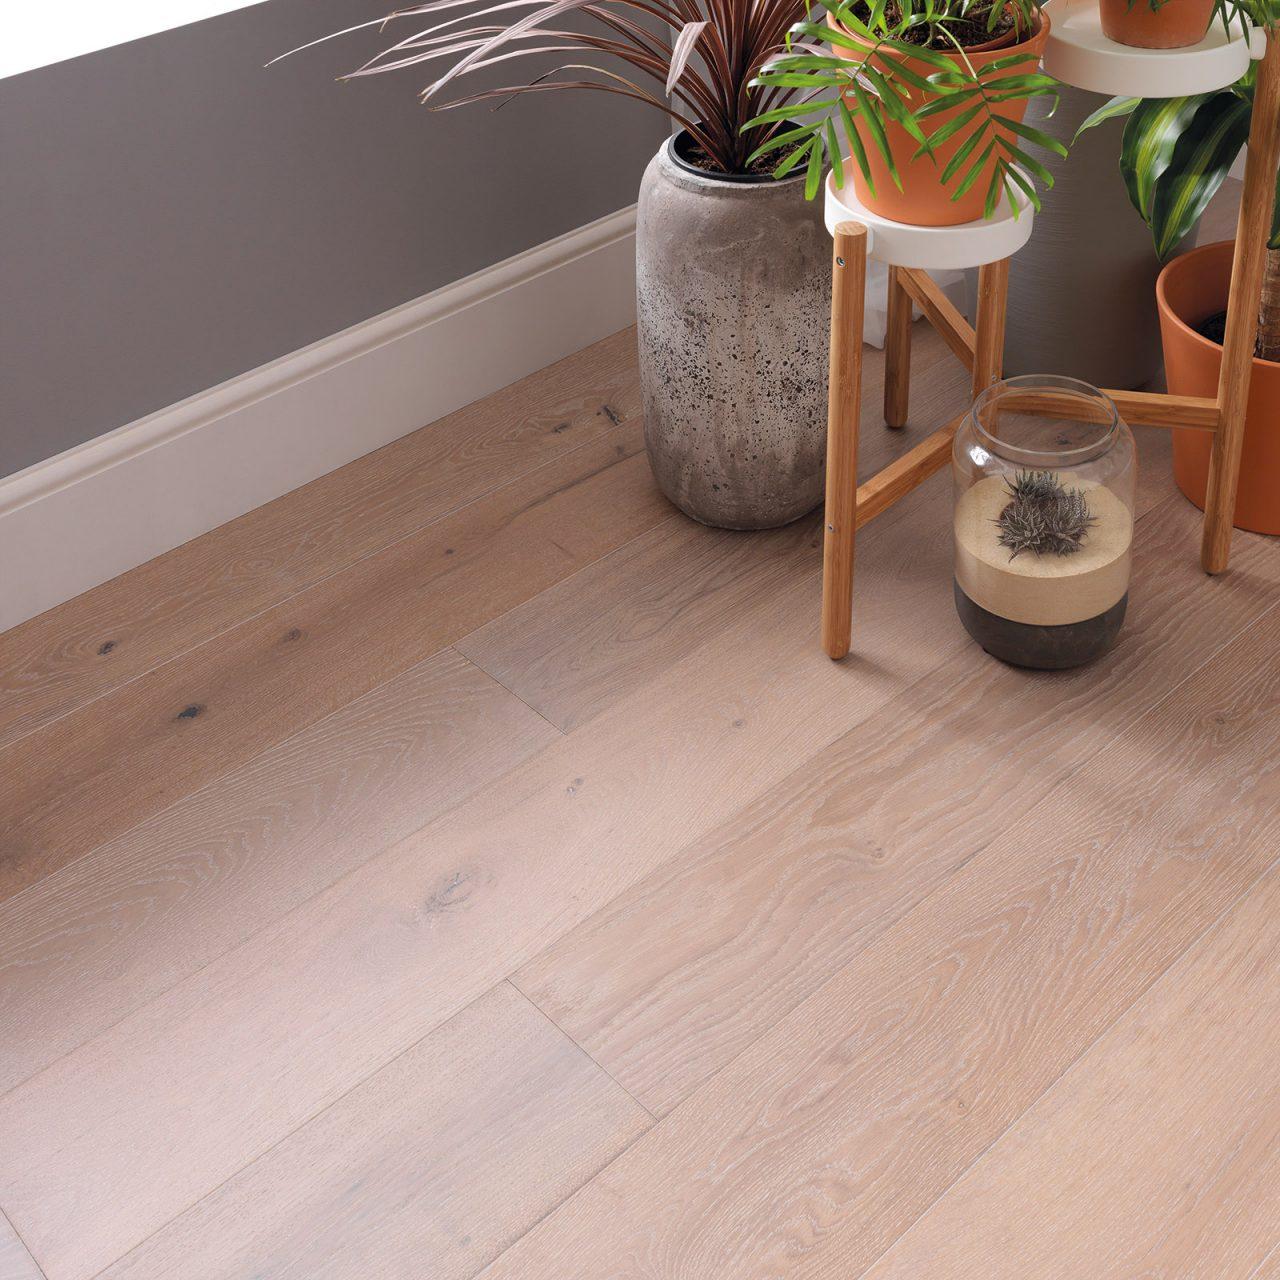 engineered wood flooring in sandy colors